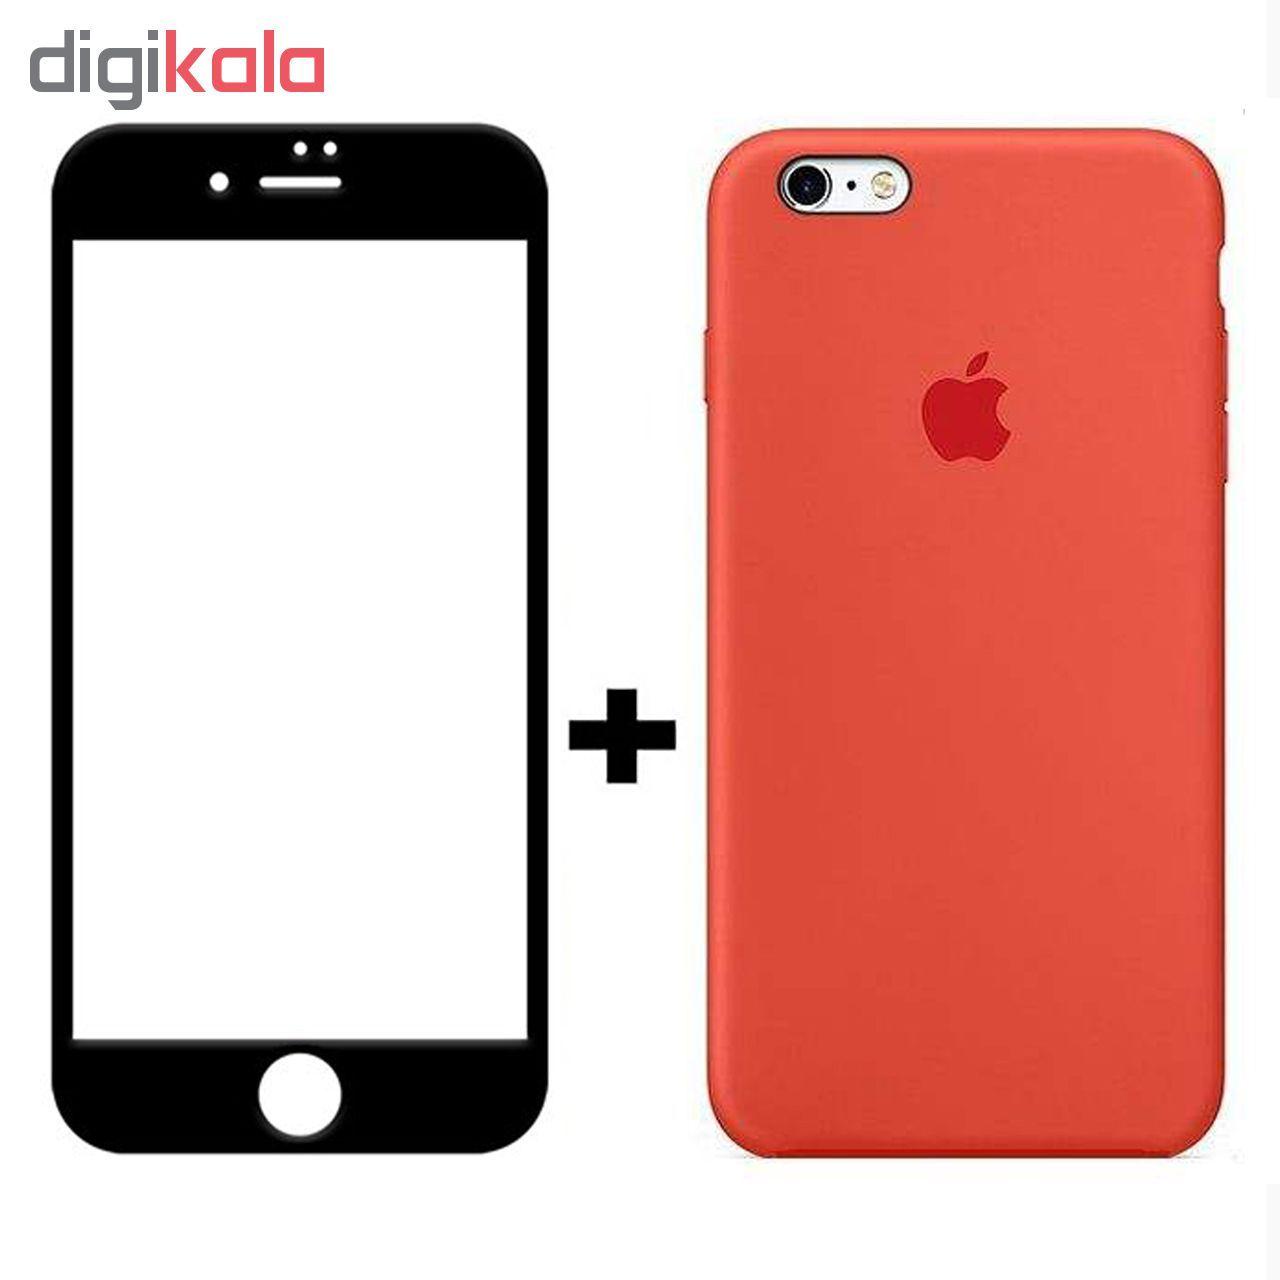 کاور سیلیکونی مدل SlC مناسب برای گوشی موبایل اپل آیفون 6/6s  به همراه محافظ صفحه نمایش 5D main 1 3